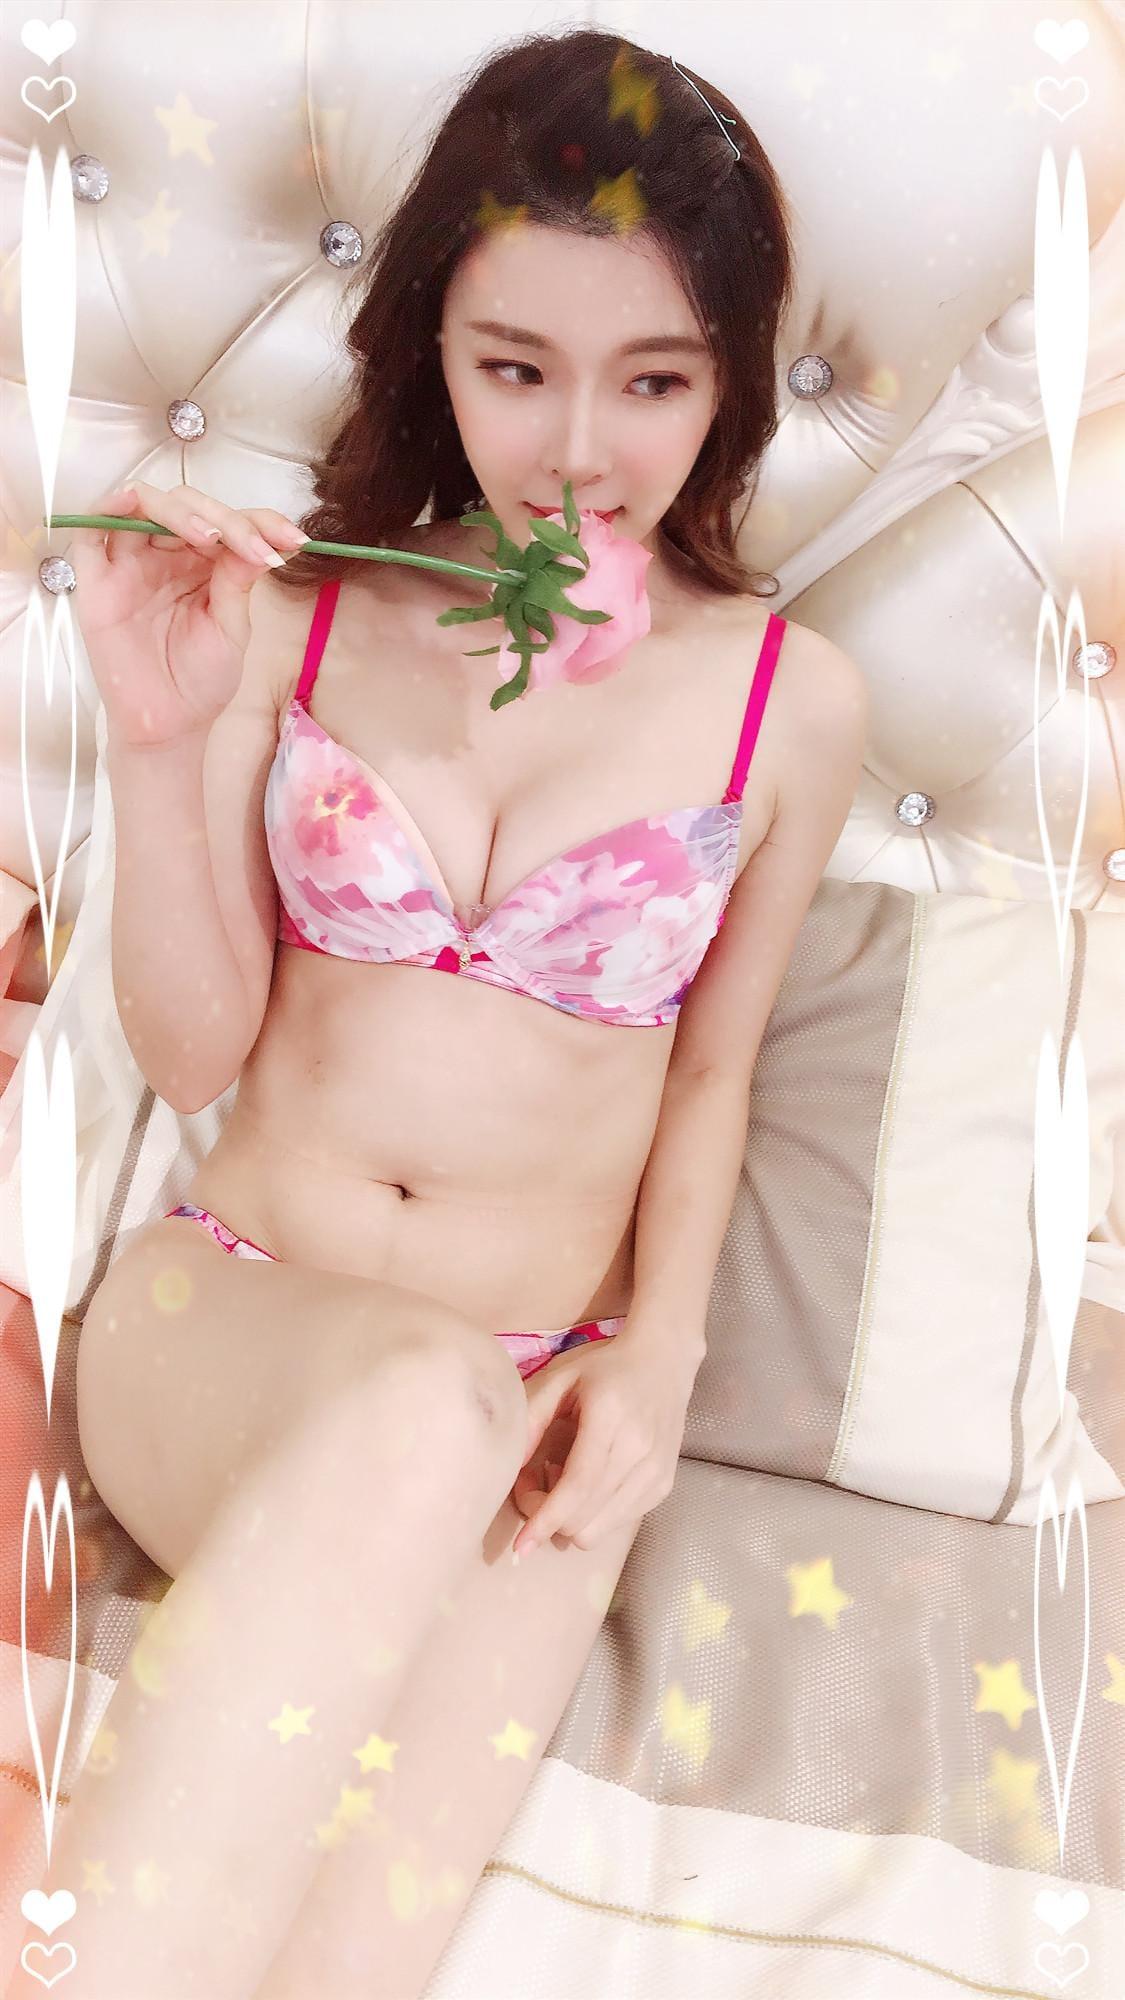 「ヾ(@⌒ー⌒@)ノ」10/17(木) 14:12 | りおなの写メ・風俗動画